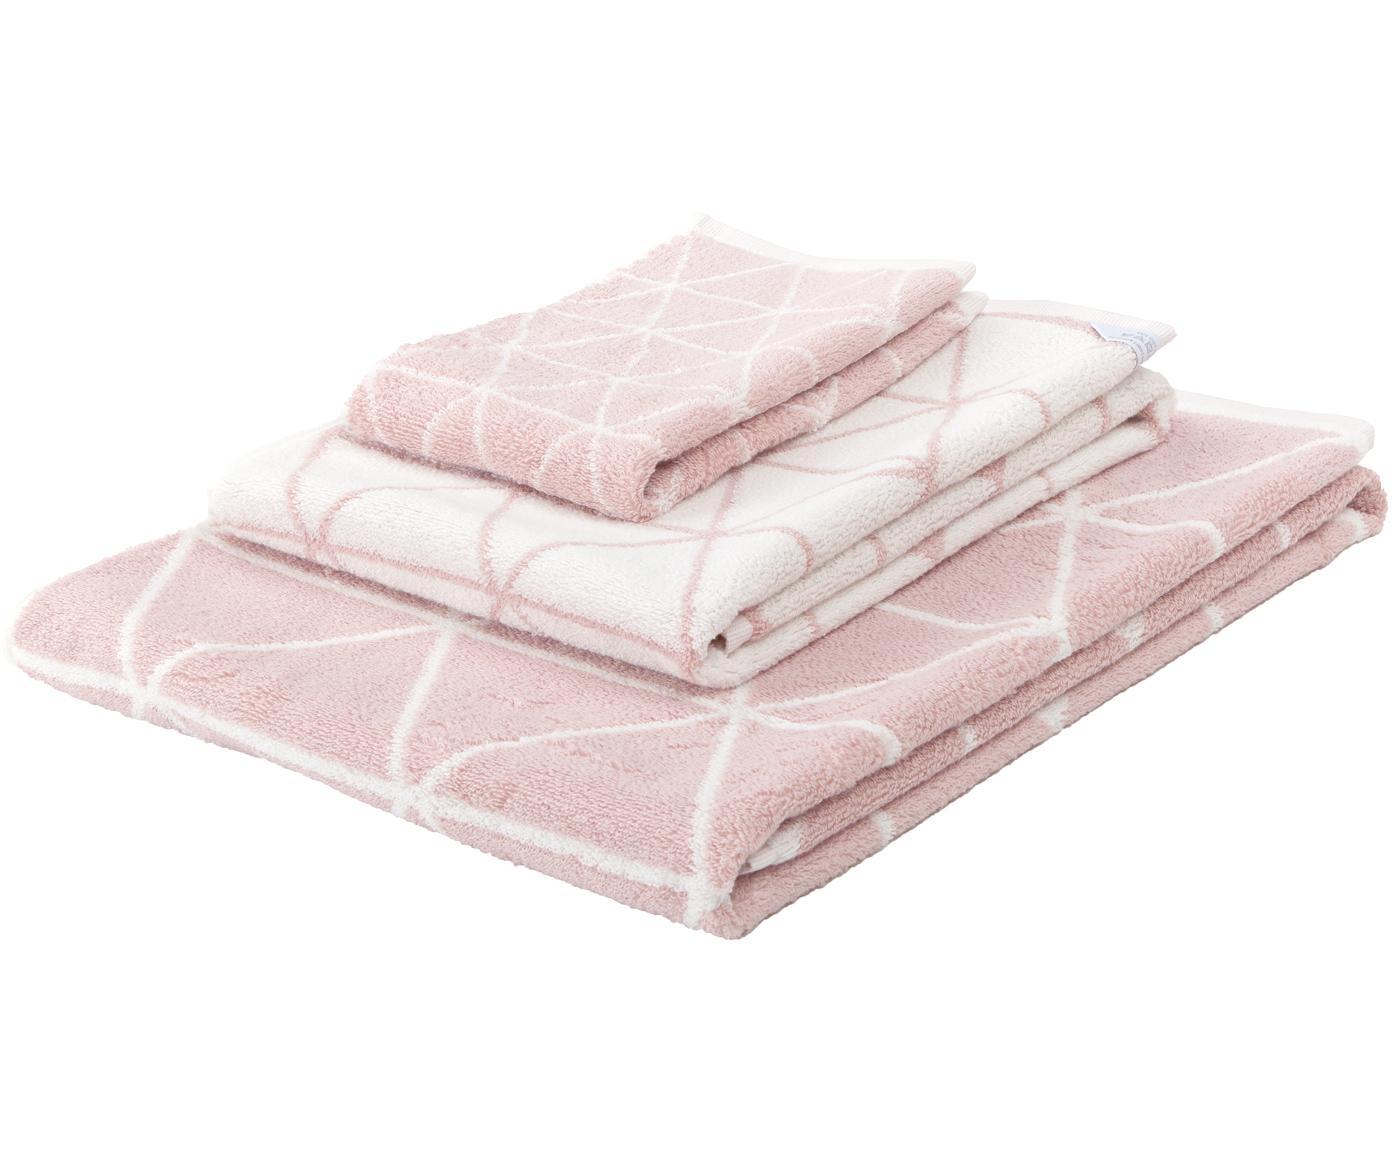 Set de toallas, caras distintas Elina, 3pzas., Rosa, blanco crema, Tamaños diferentes